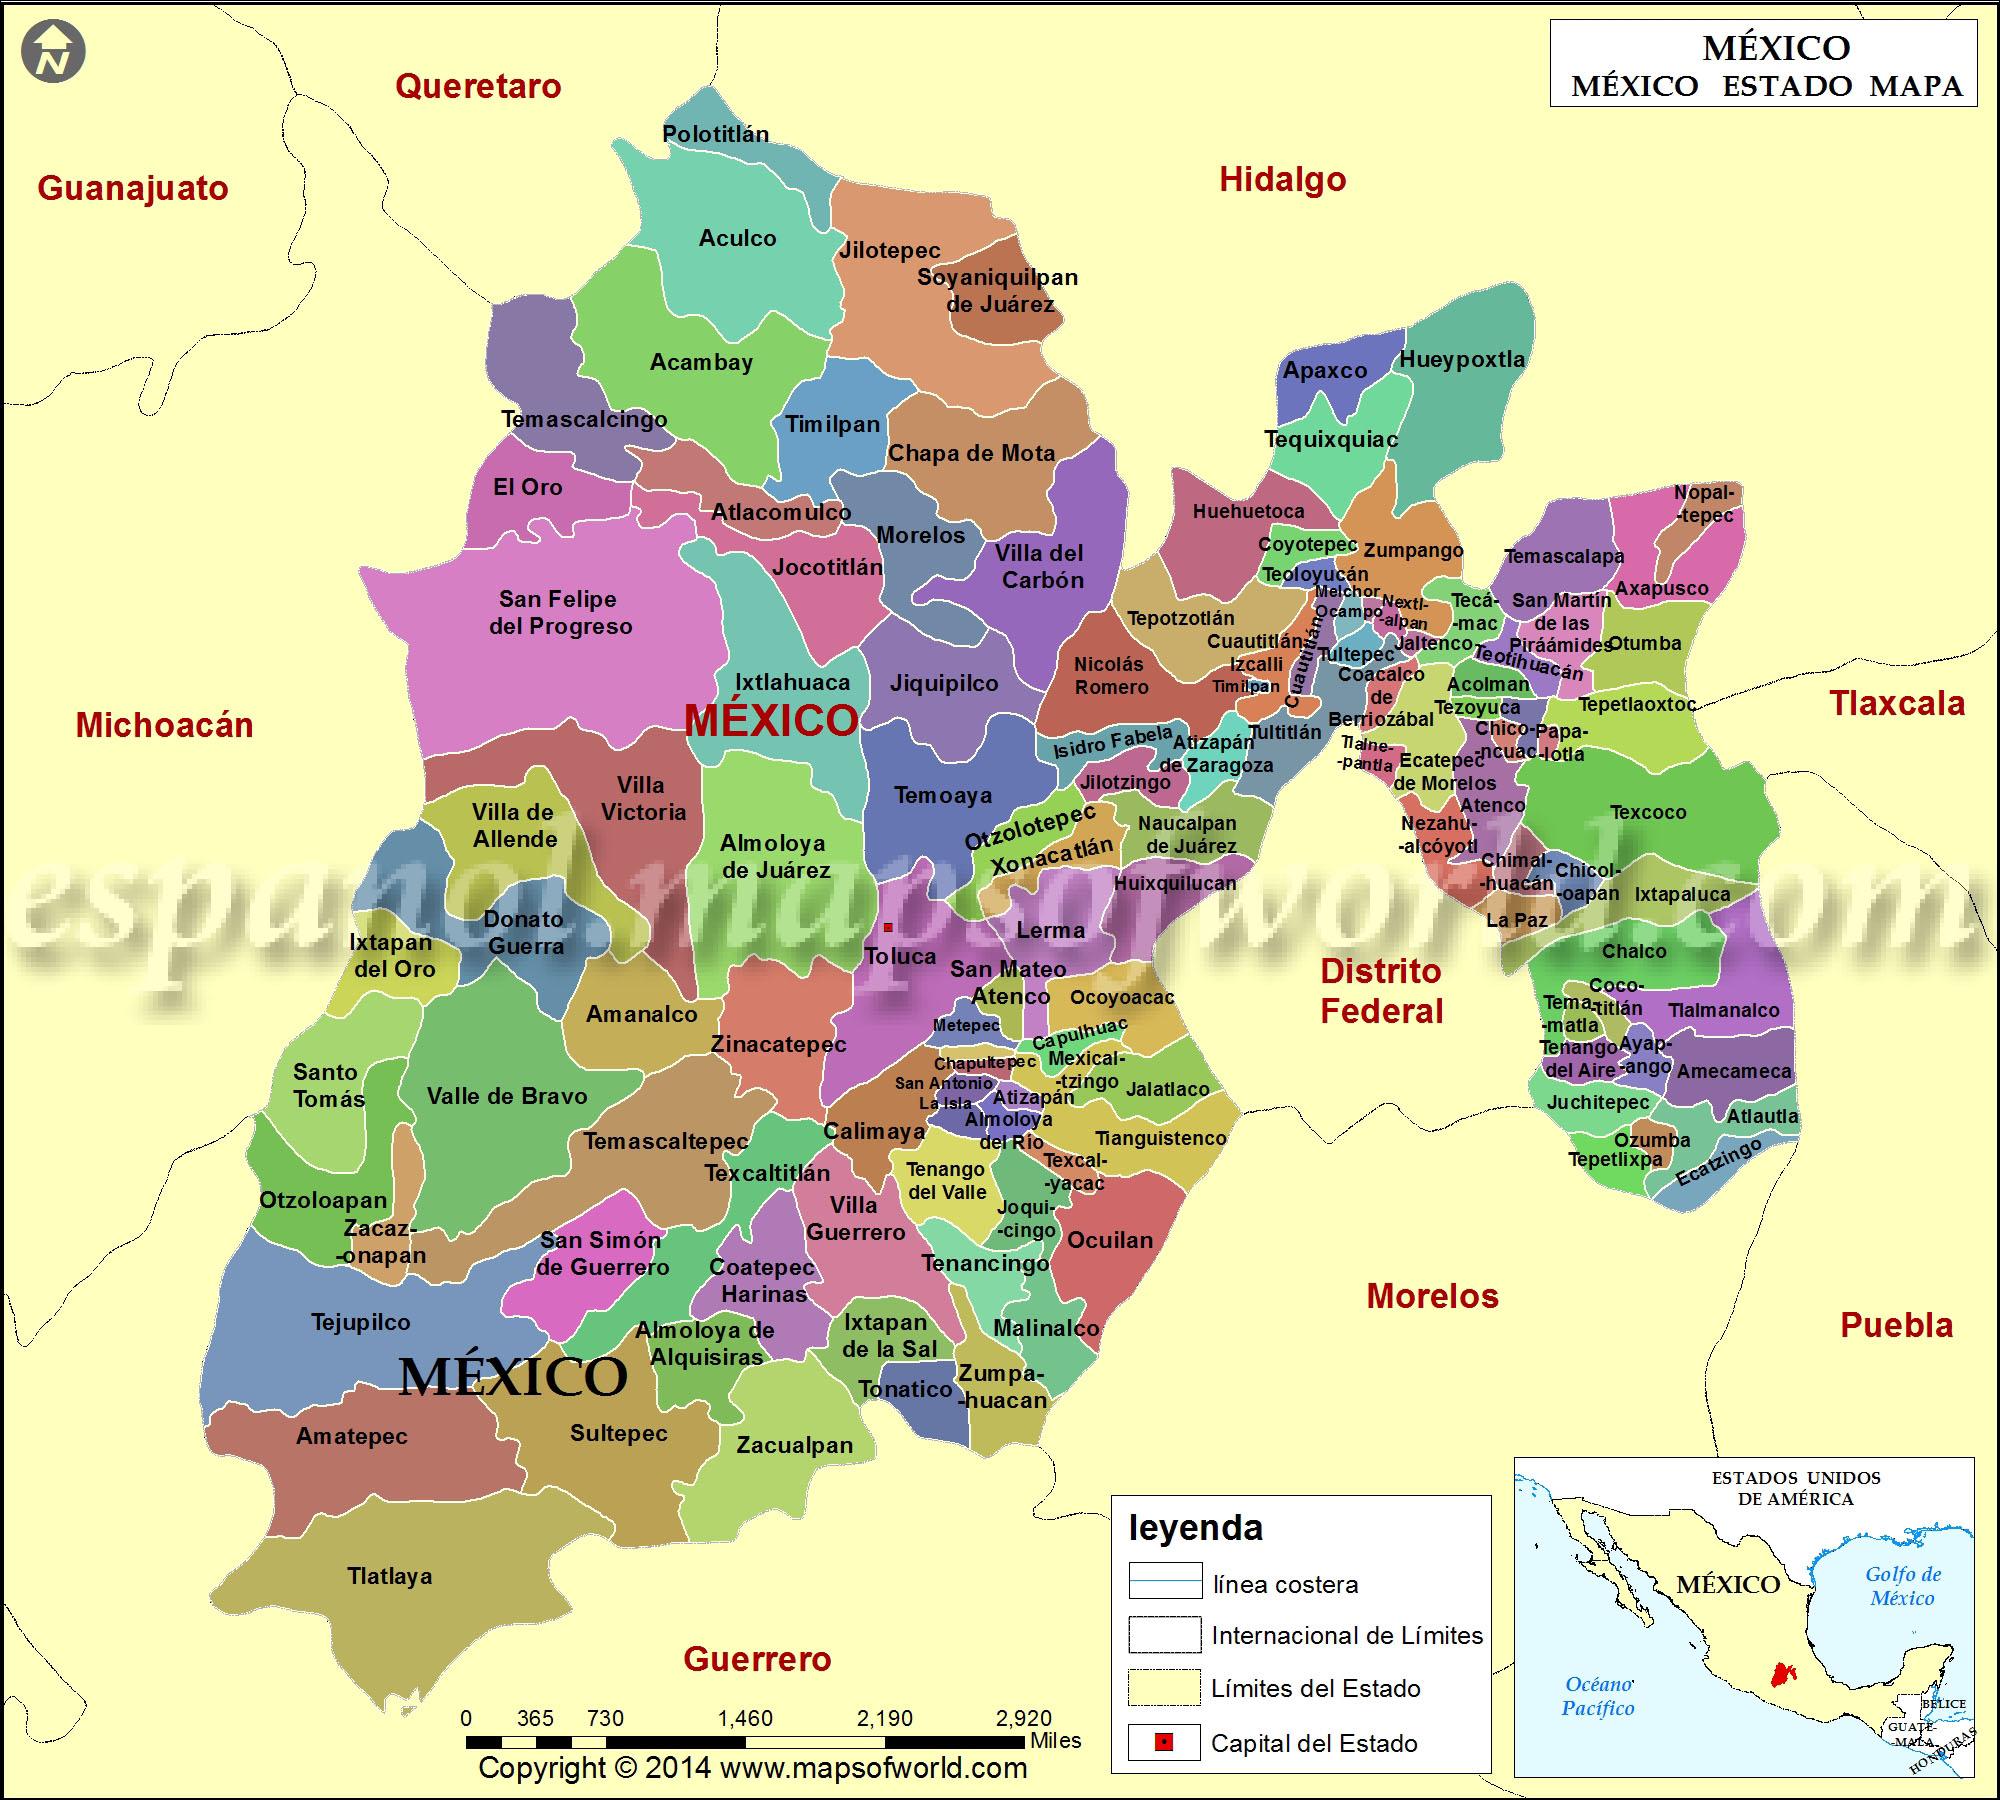 Estados De Mexico Mapa.Mapa Del Estado De Mexico Mapa De Estado De Mexico